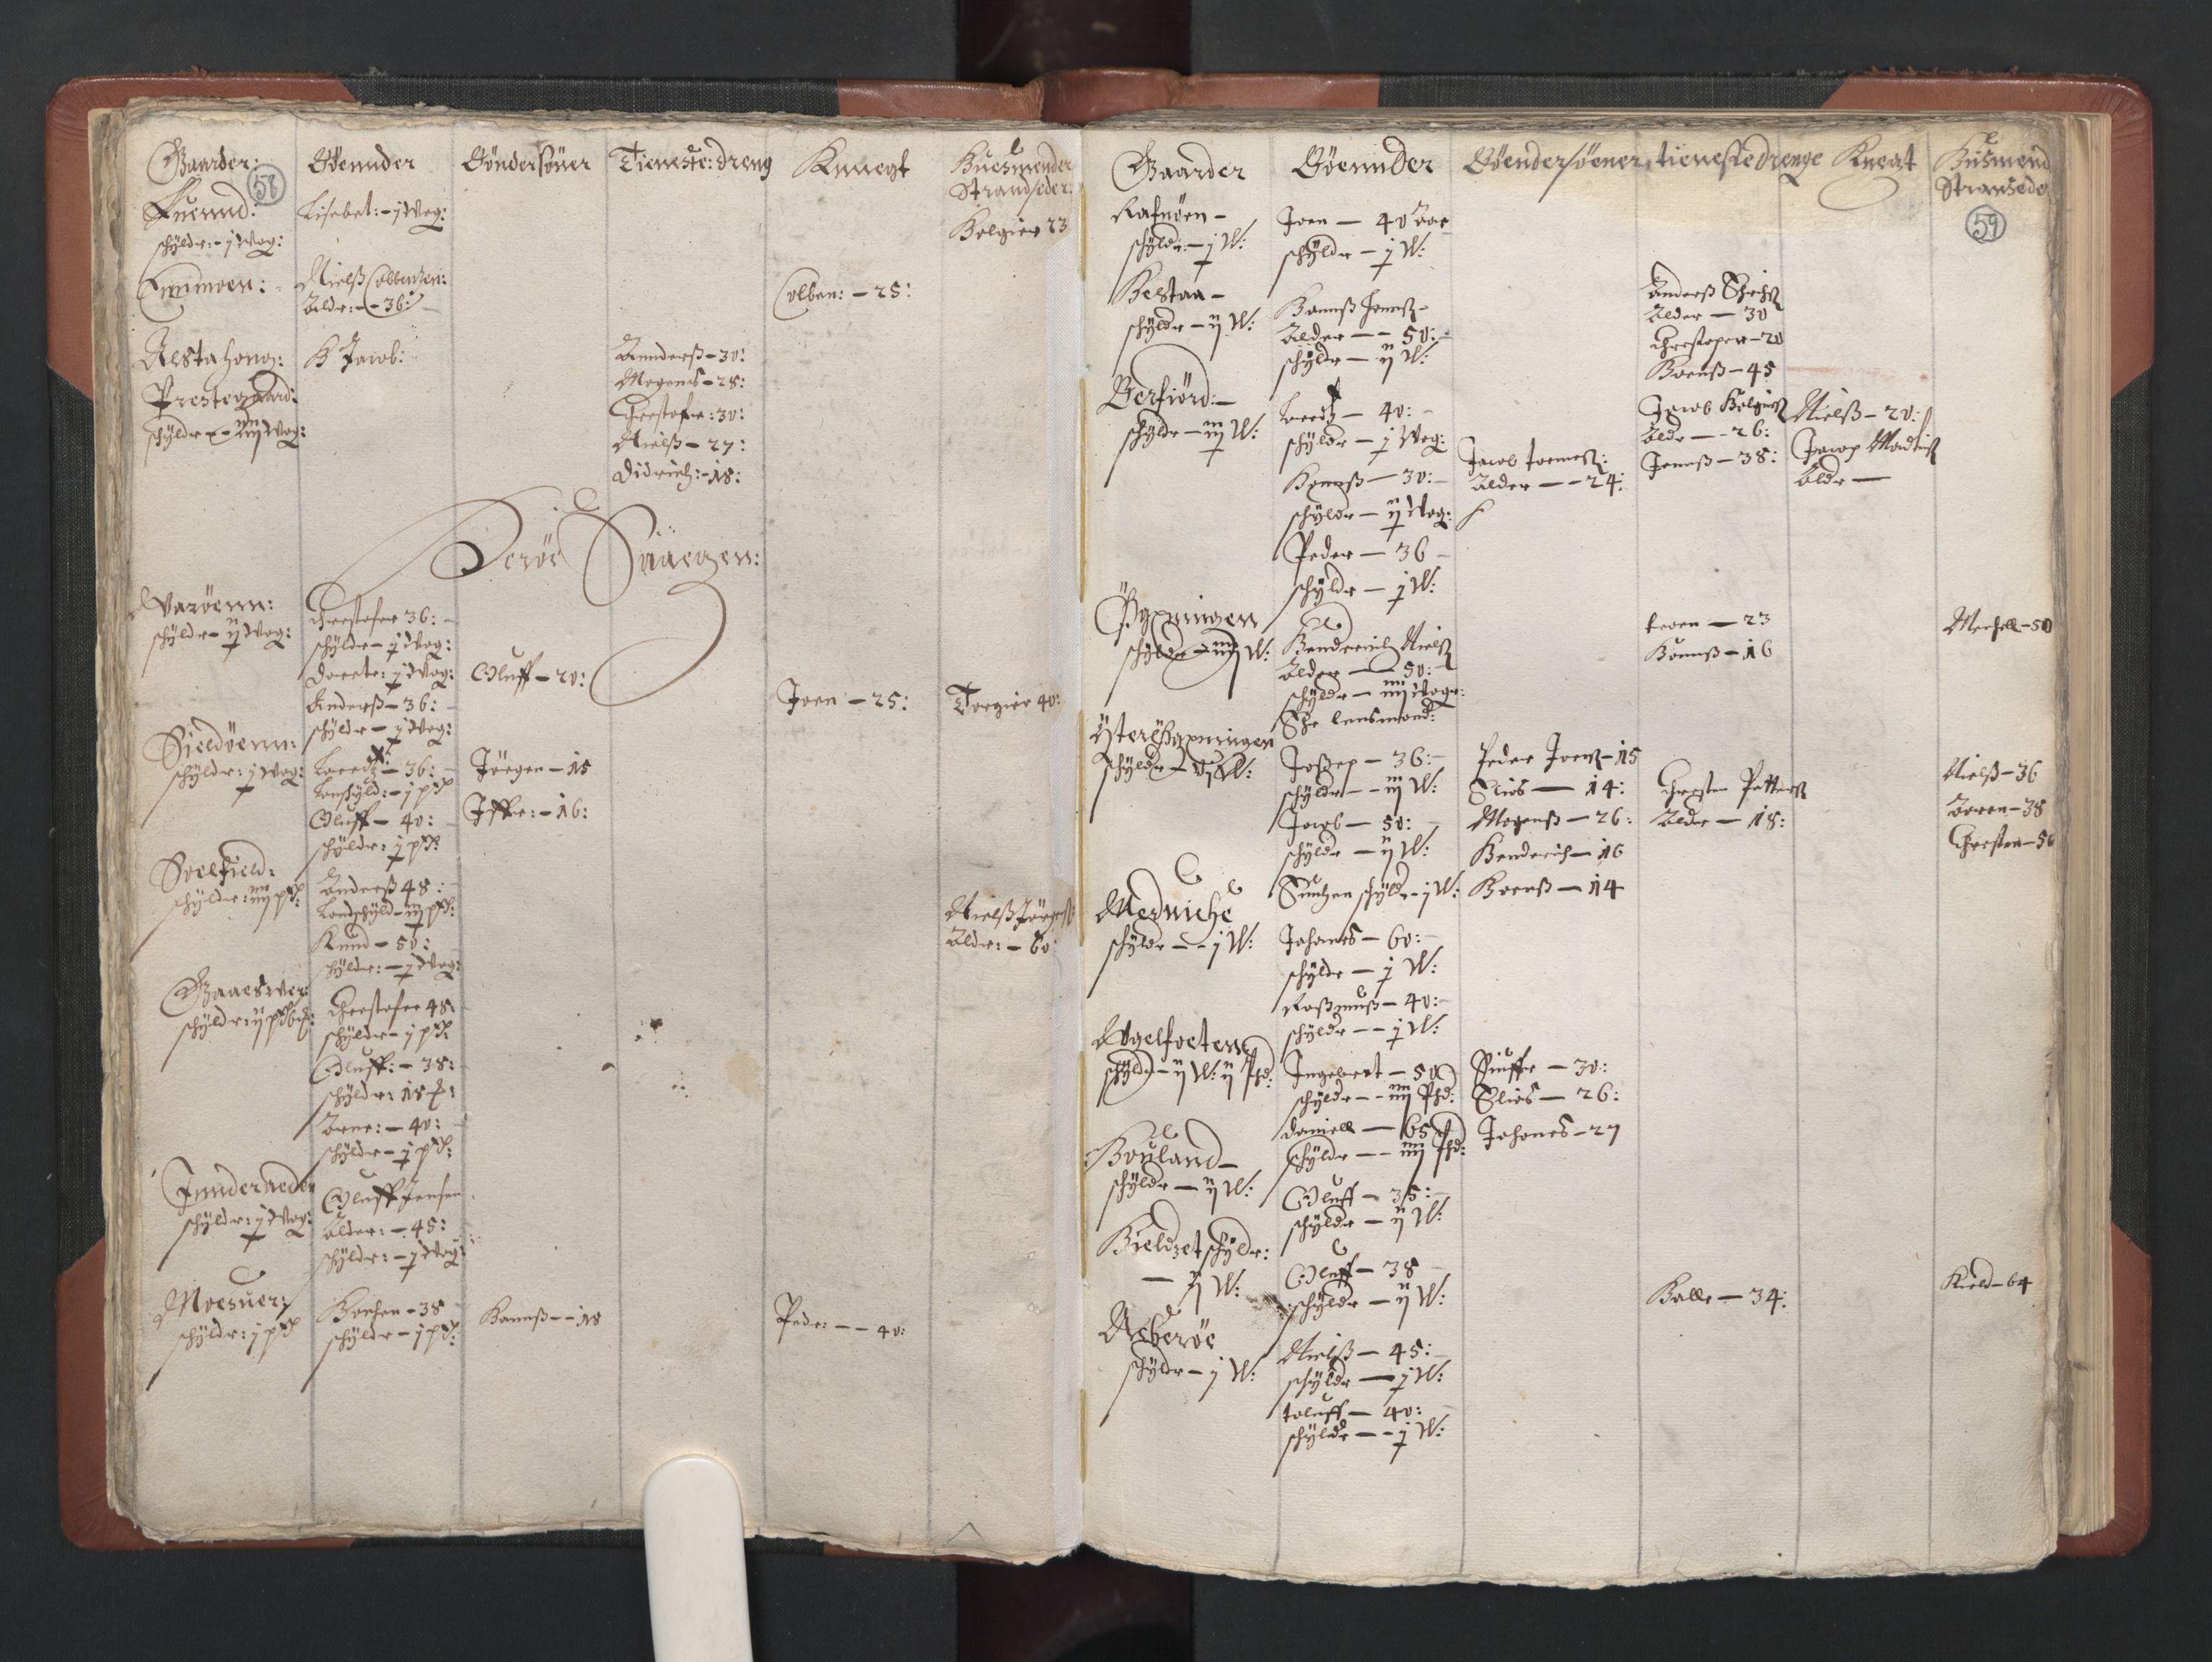 RA, Fogdenes og sorenskrivernes manntall 1664-1666, nr. 20: Fogderier (len og skipreider) i nåværende Nordland fylke, Troms fylke og Finnmark fylke, 1665, s. 58-59